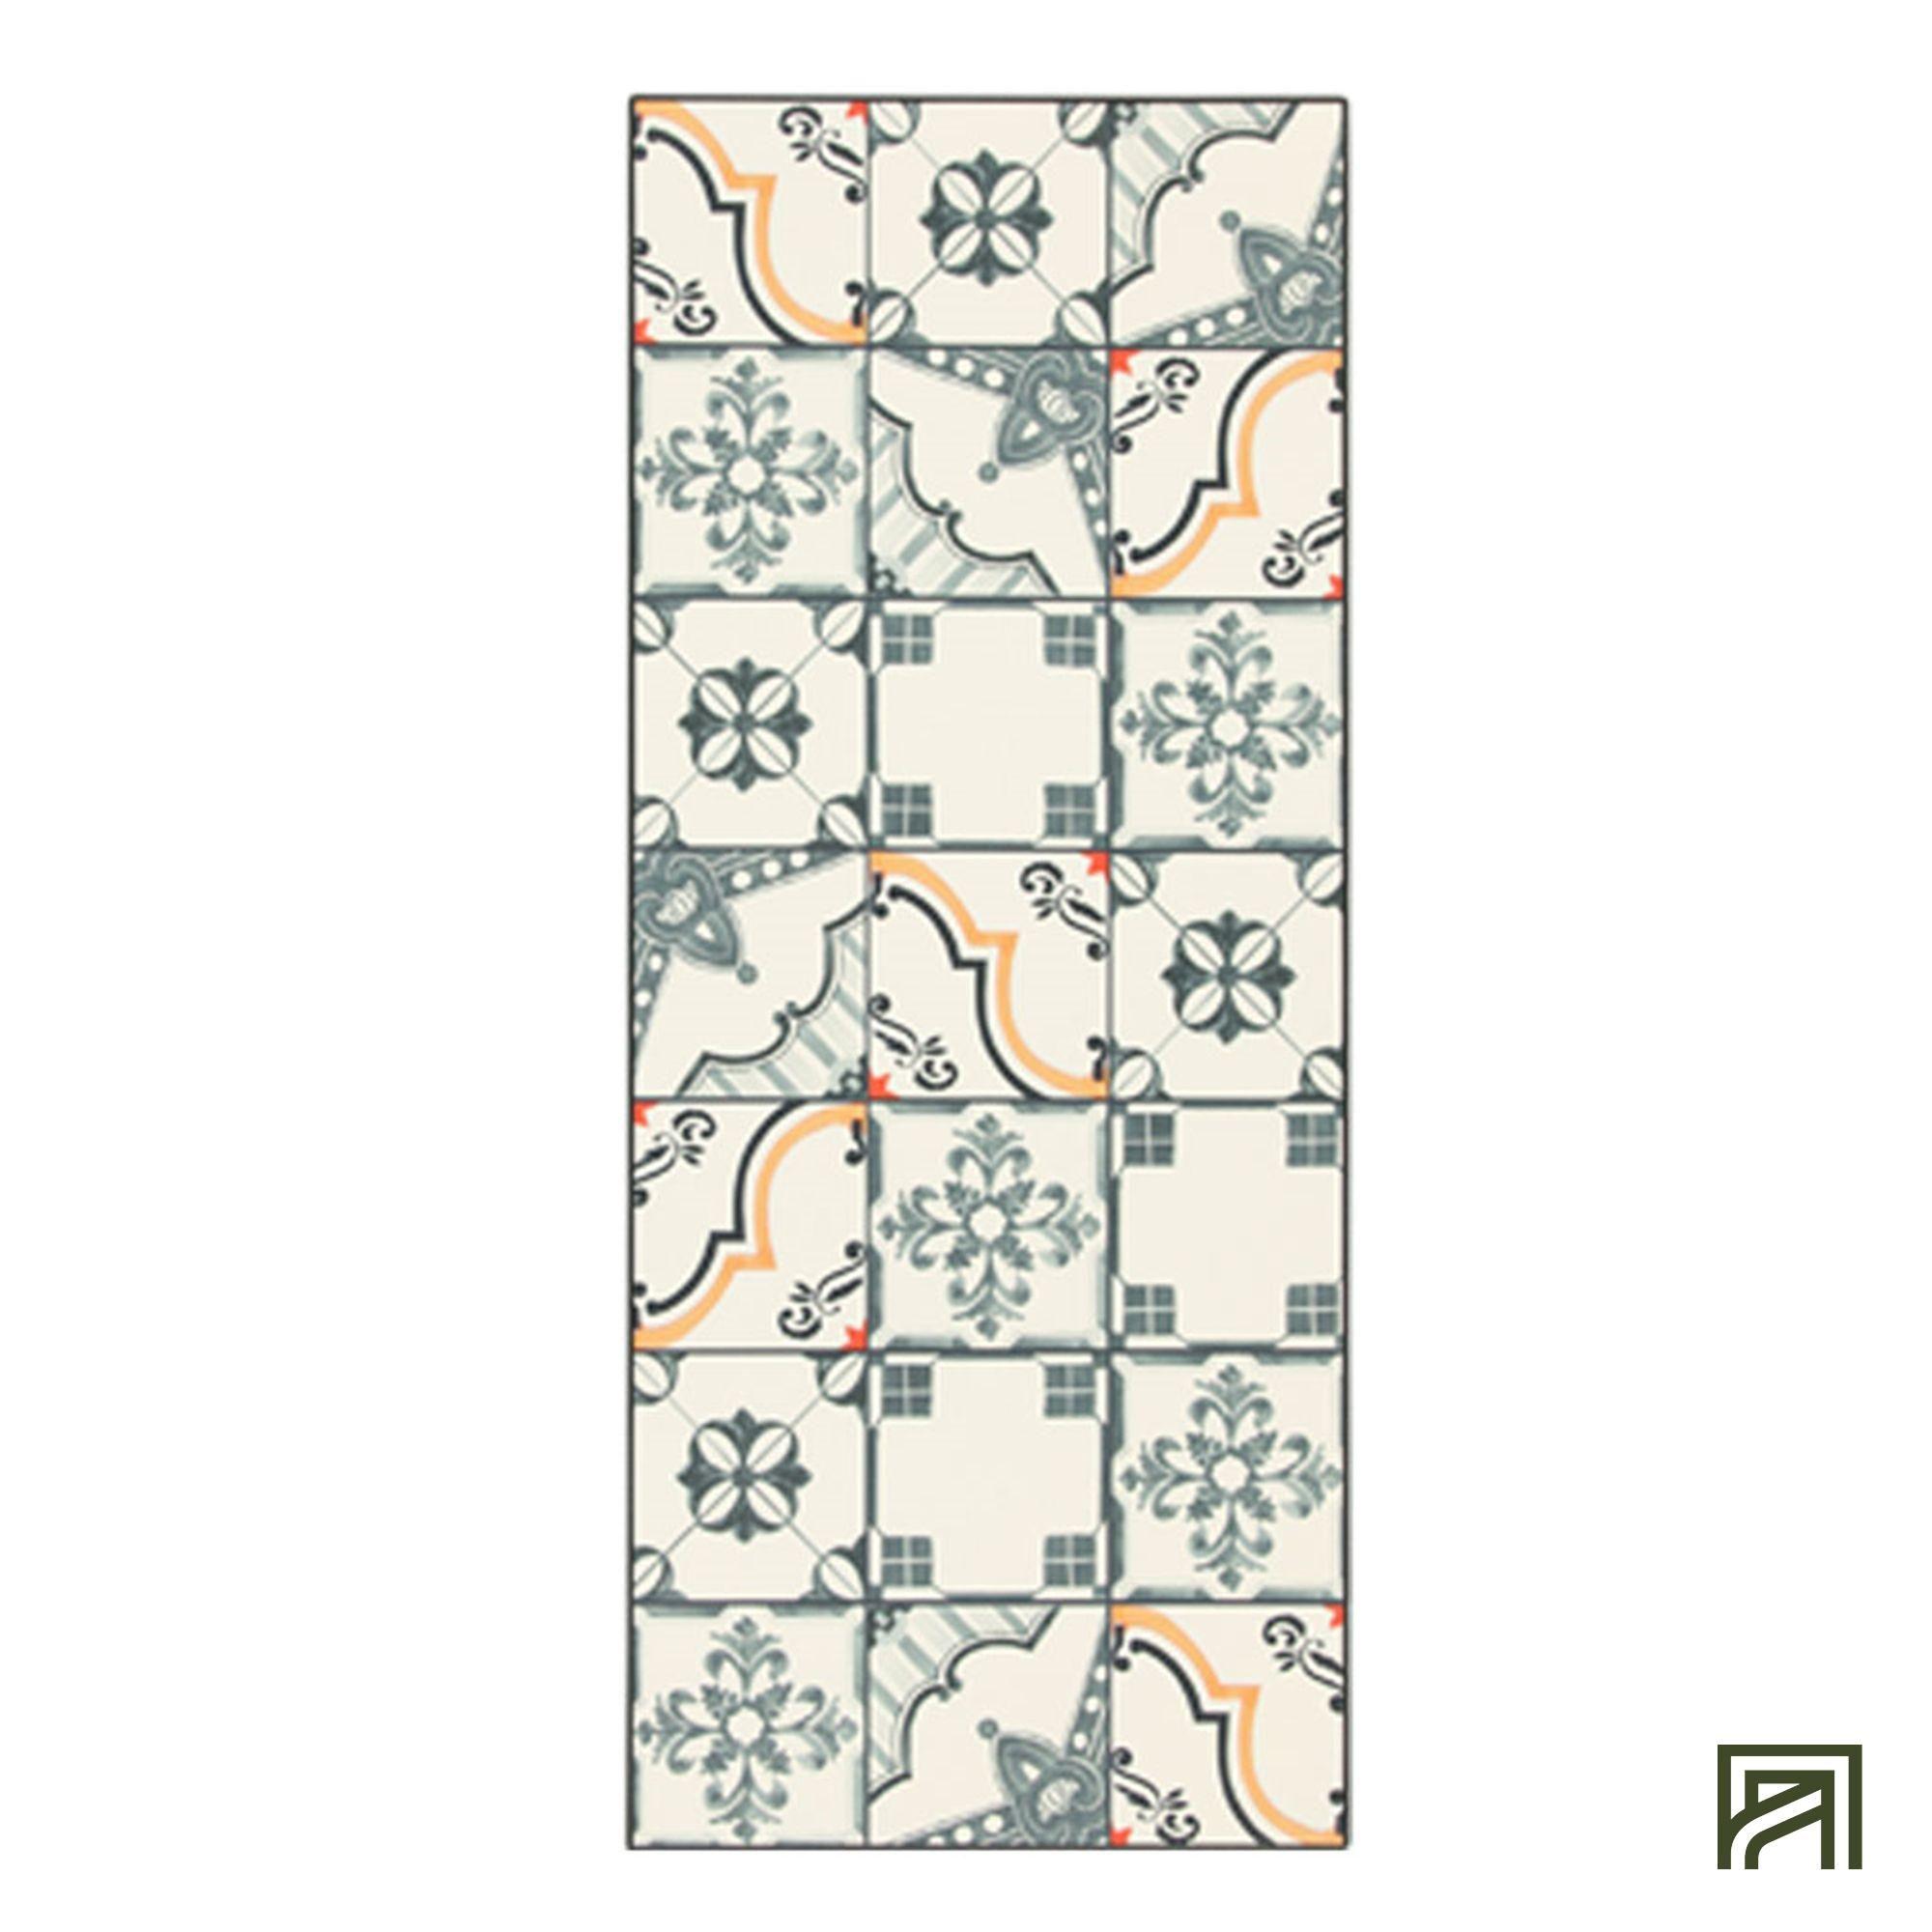 Tapis Imitation Carreaux De Ciment Vinyle alinea : vistacimen1 tapis de cuisine carreaux de ciment